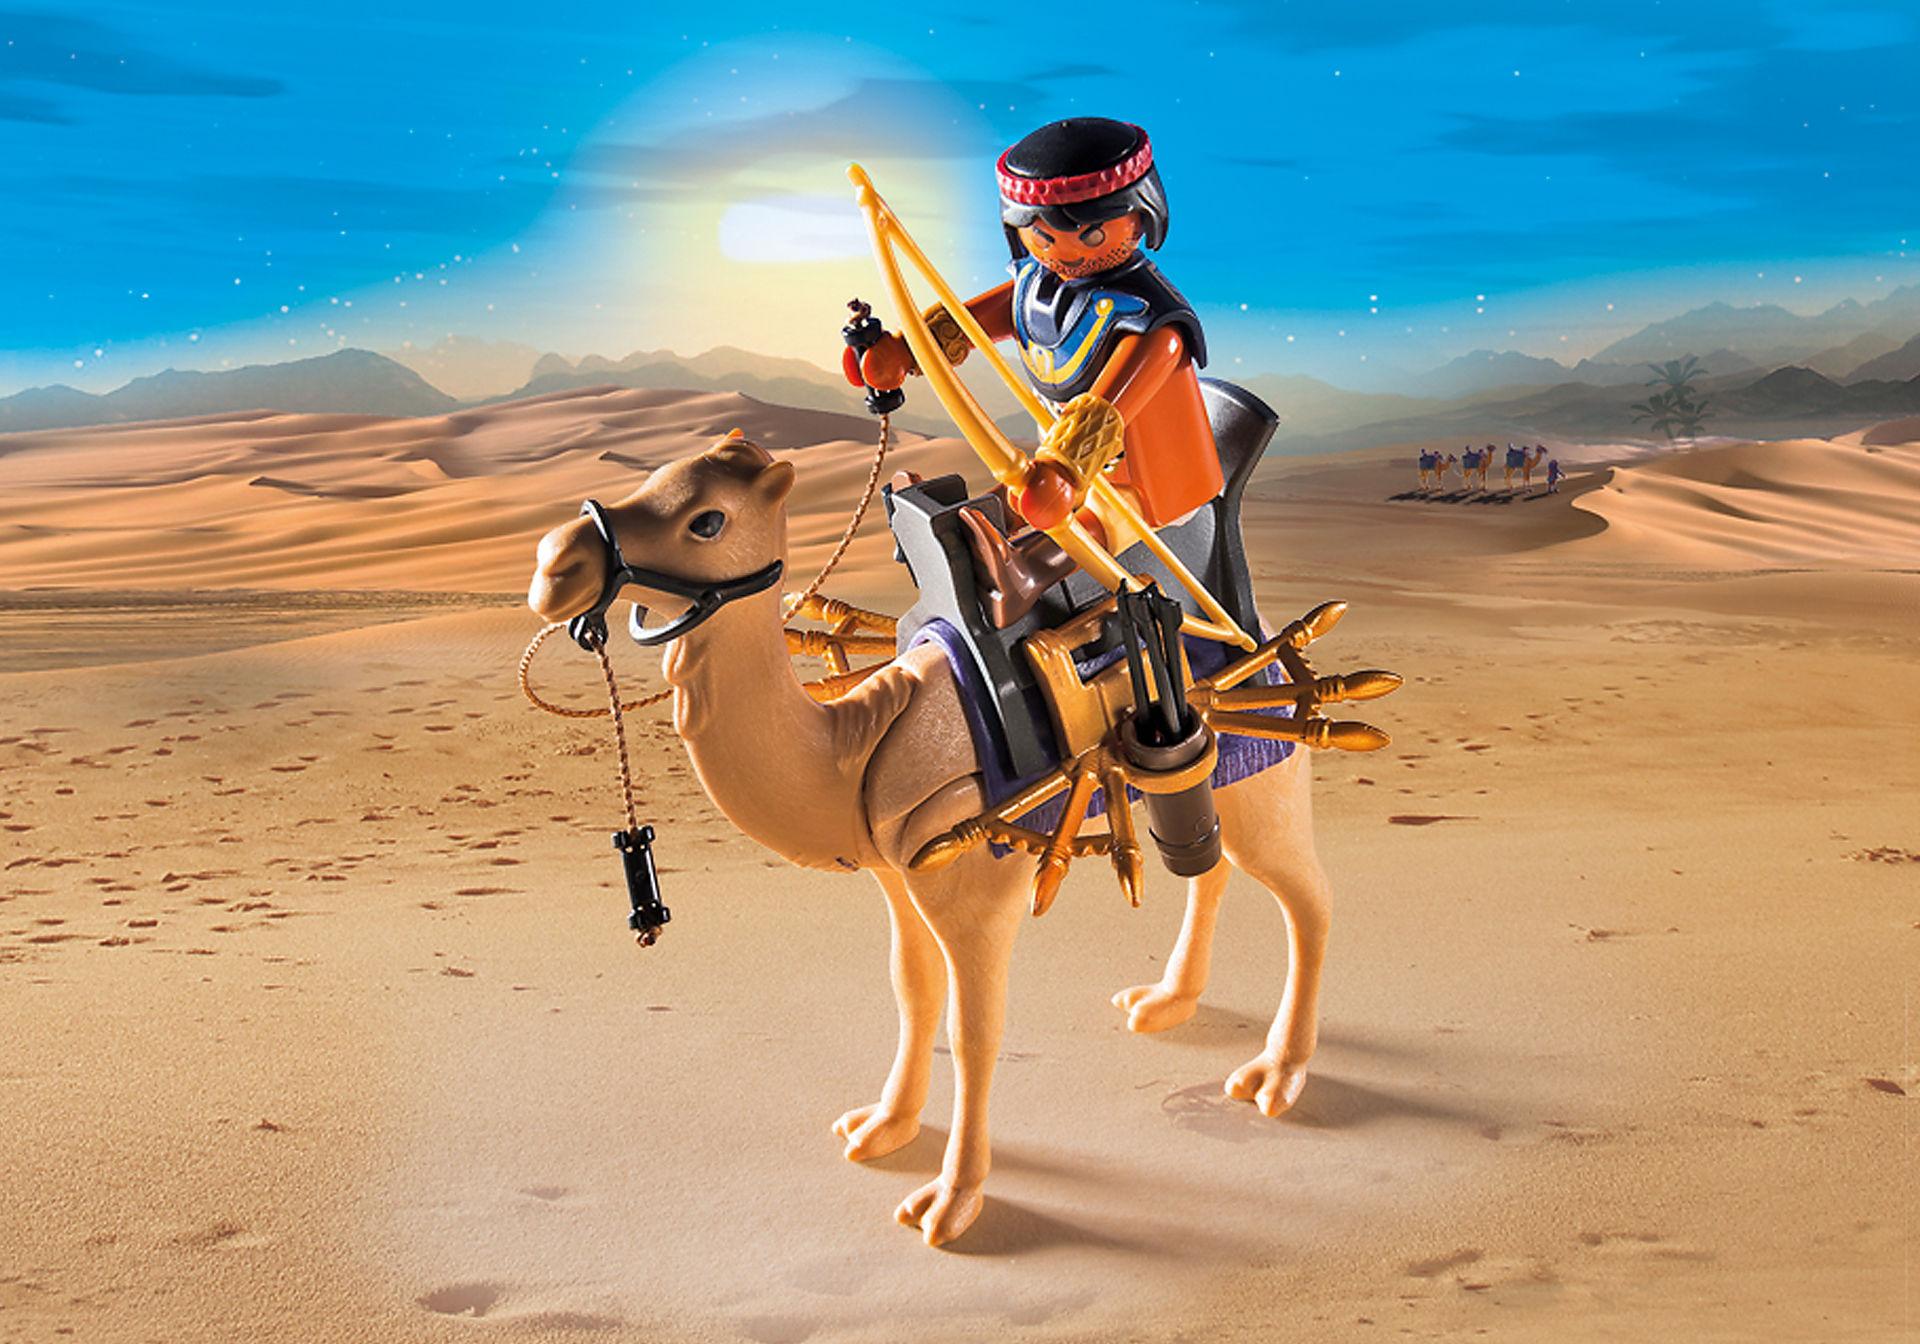 http://media.playmobil.com/i/playmobil/5389_product_extra1/Римляне и Египтяне: Египетский воин с верблюдом